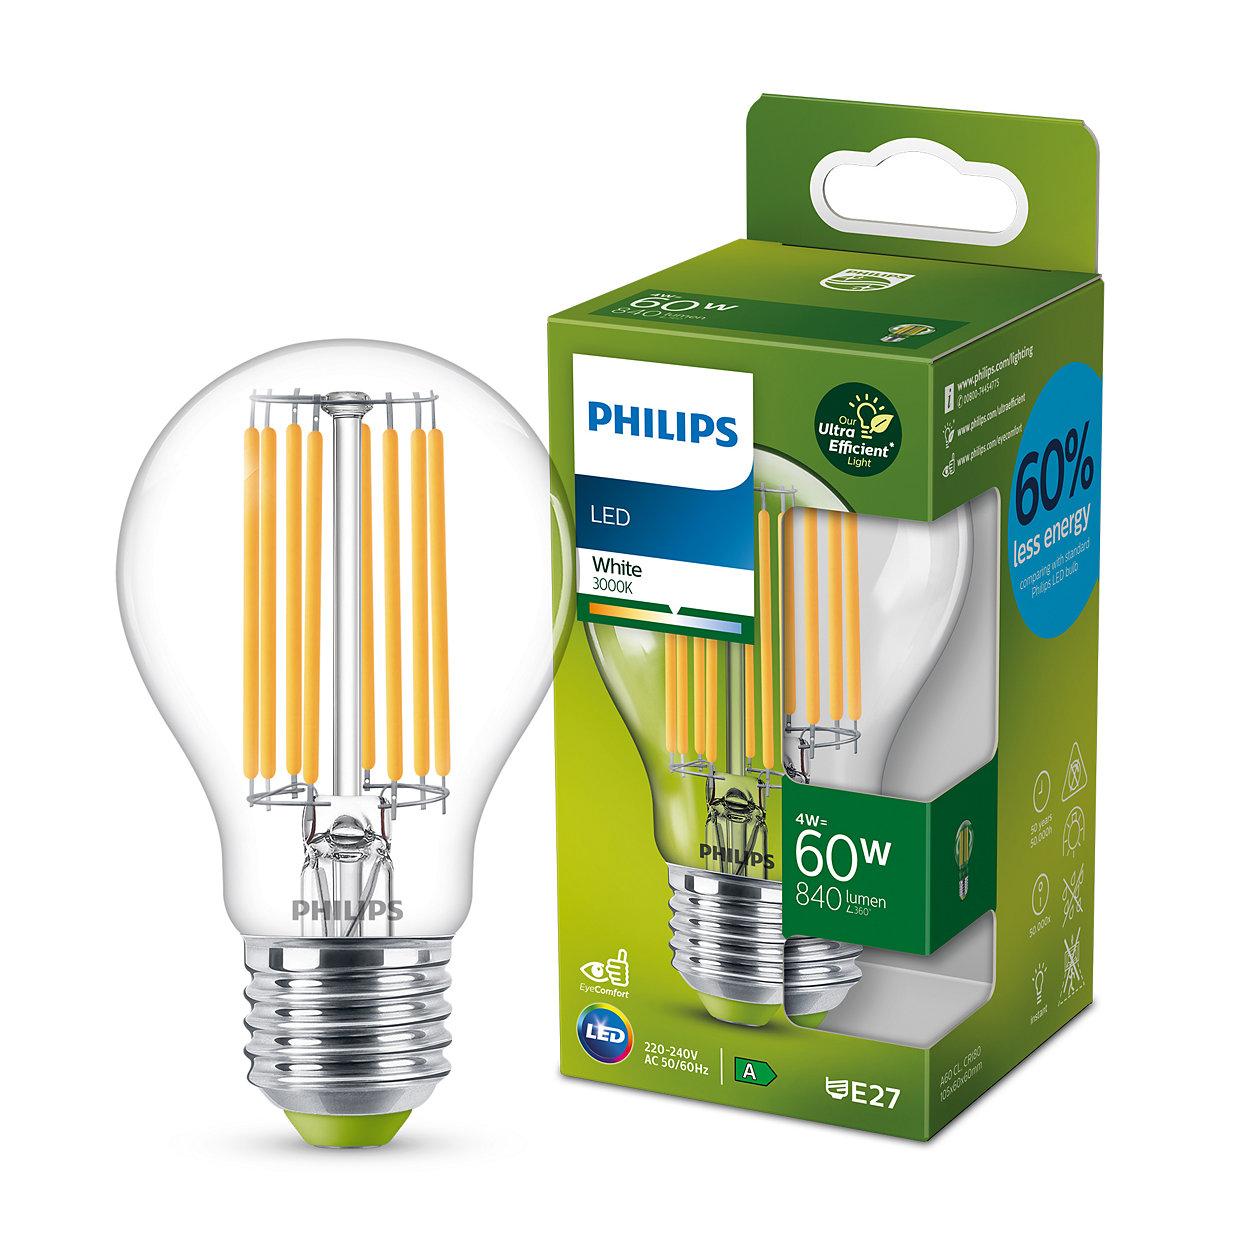 Les ampoules flamme LED transparentes apportent un merveilleux éclat à votre intérieur